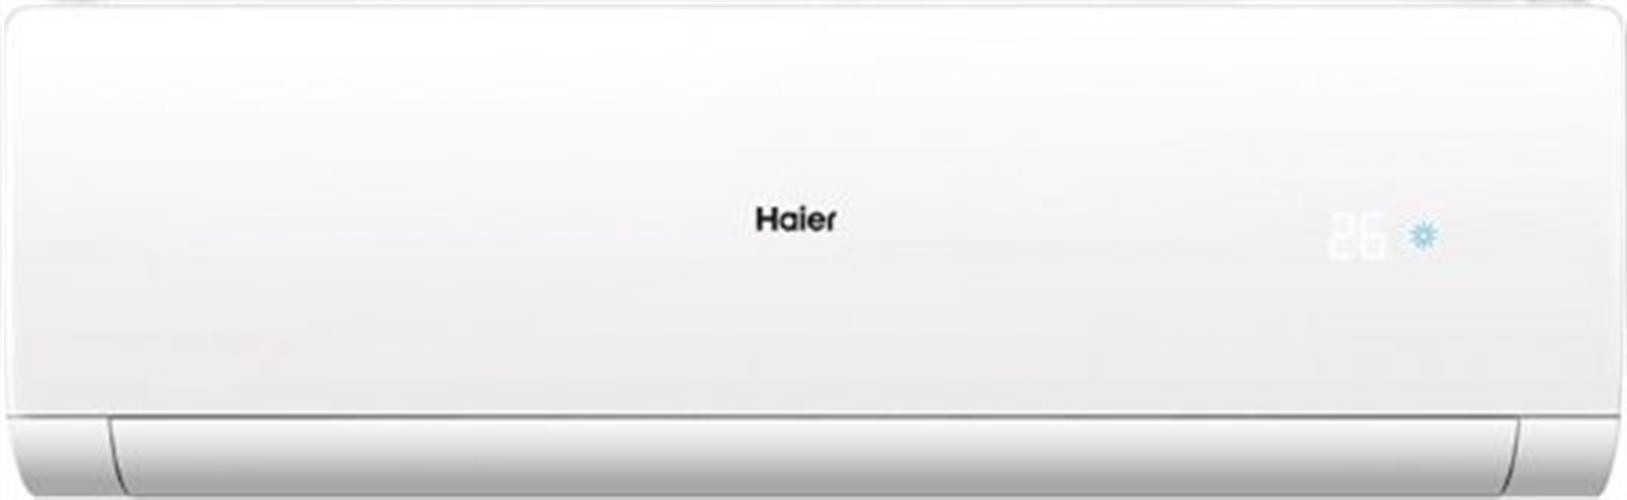 """מזגן עילי Extra Power Wifi HA 10 שנת 2017 haier 1.0 כ""""ס האייר"""